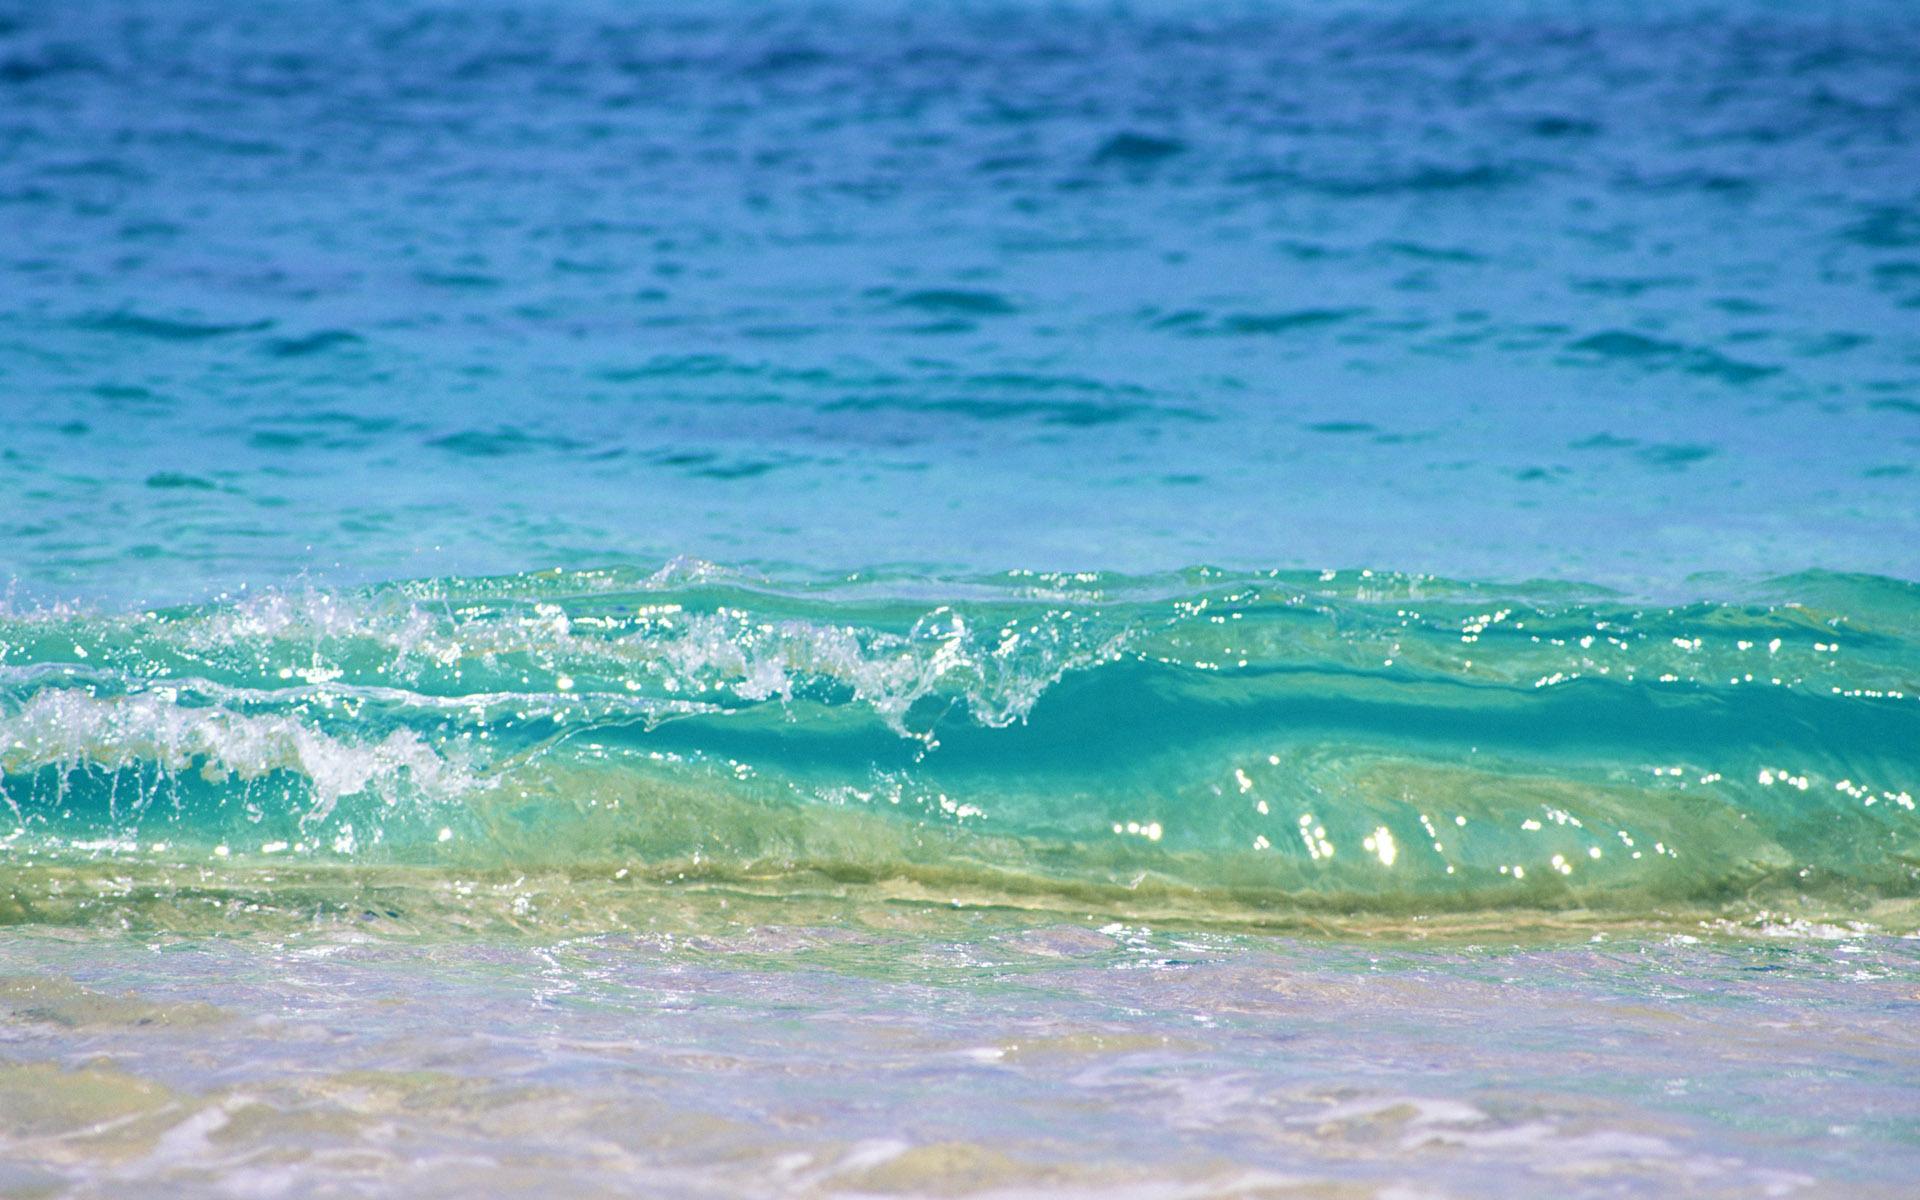 берег волны море  № 251120 загрузить